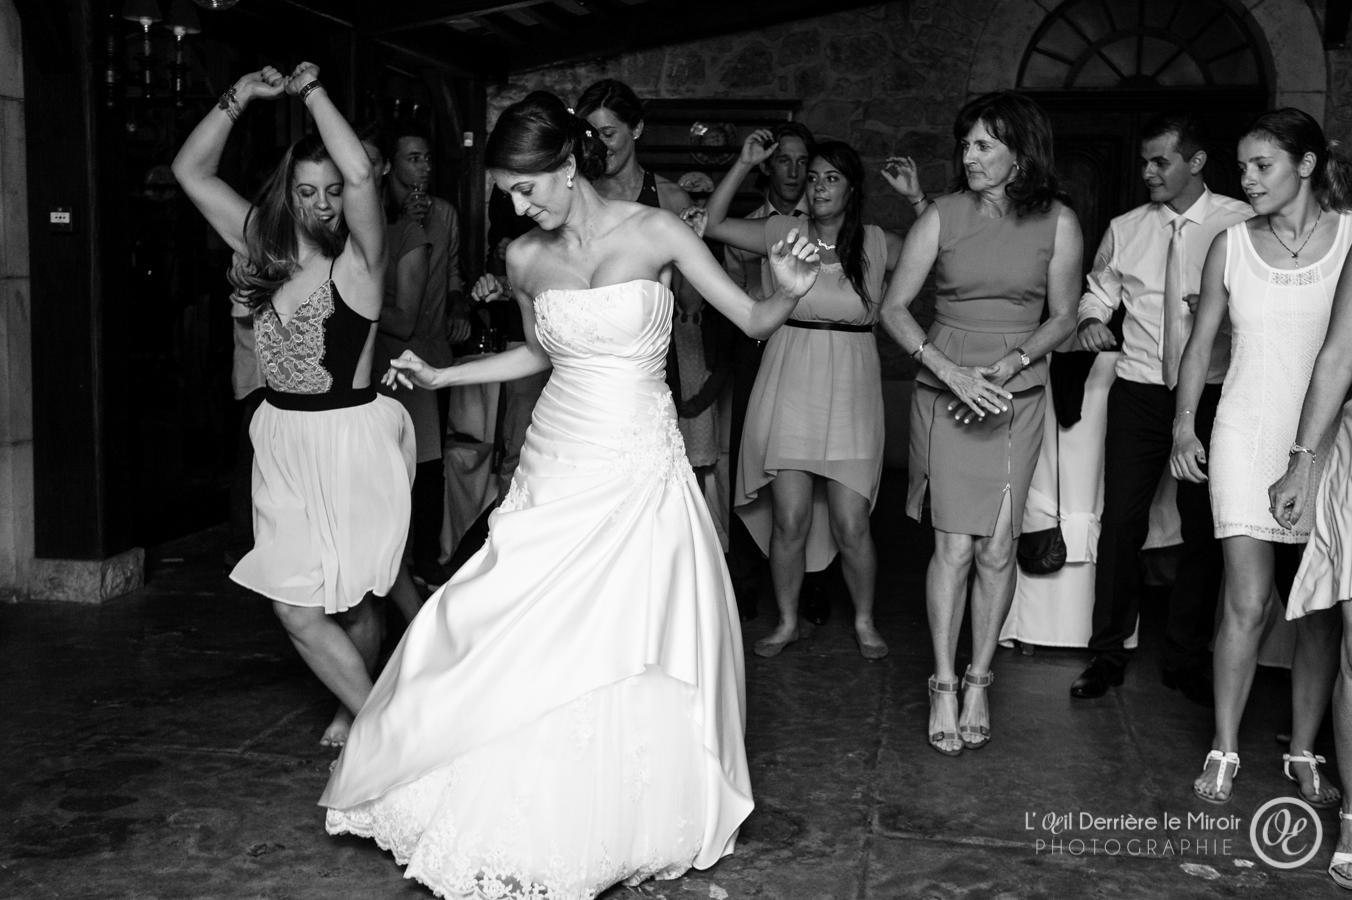 photographe-mariage-villeneuve-loubet-153